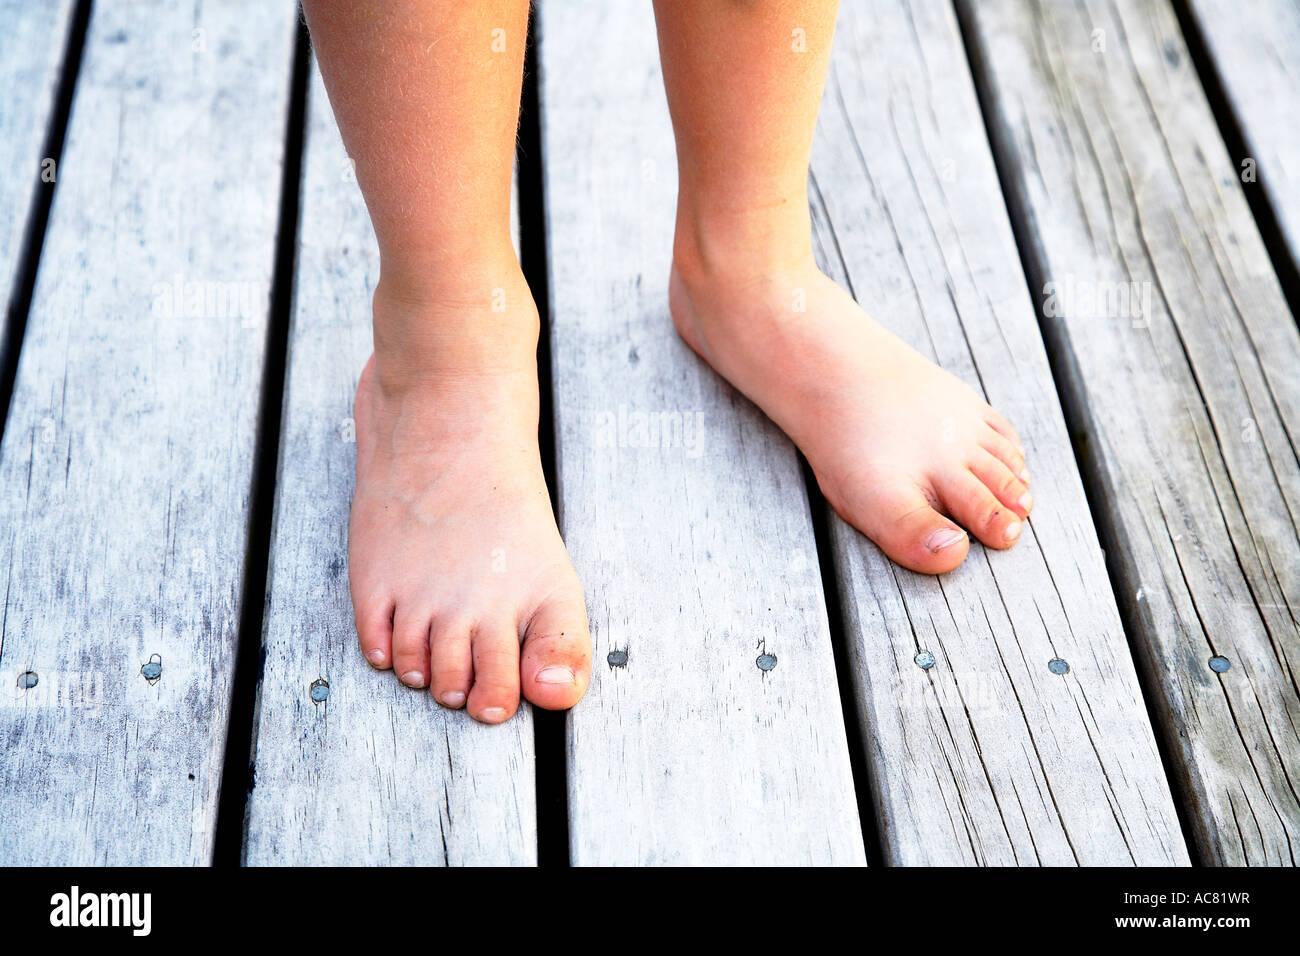 Garçon de 7 pieds nus Photo Stock